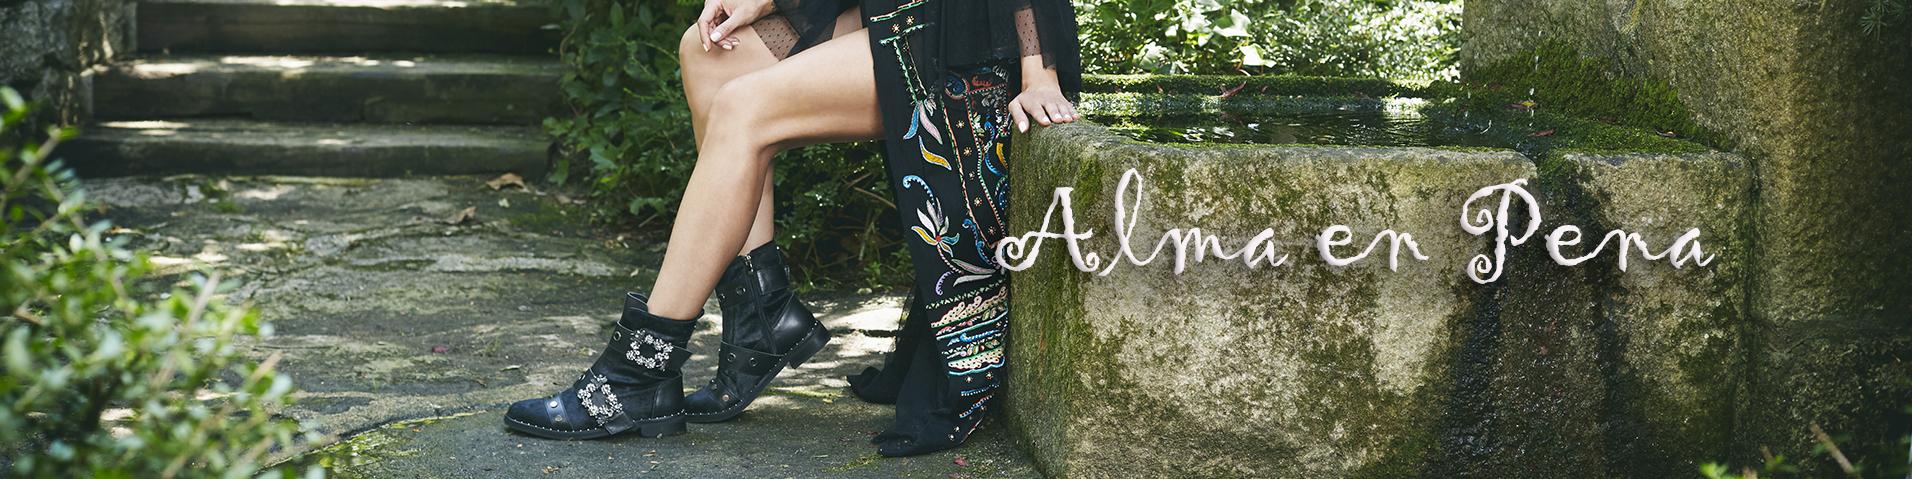 De Femenino Zapatos Alma Pena Comprar En Mujer Calzado Online HUwqfw4tF